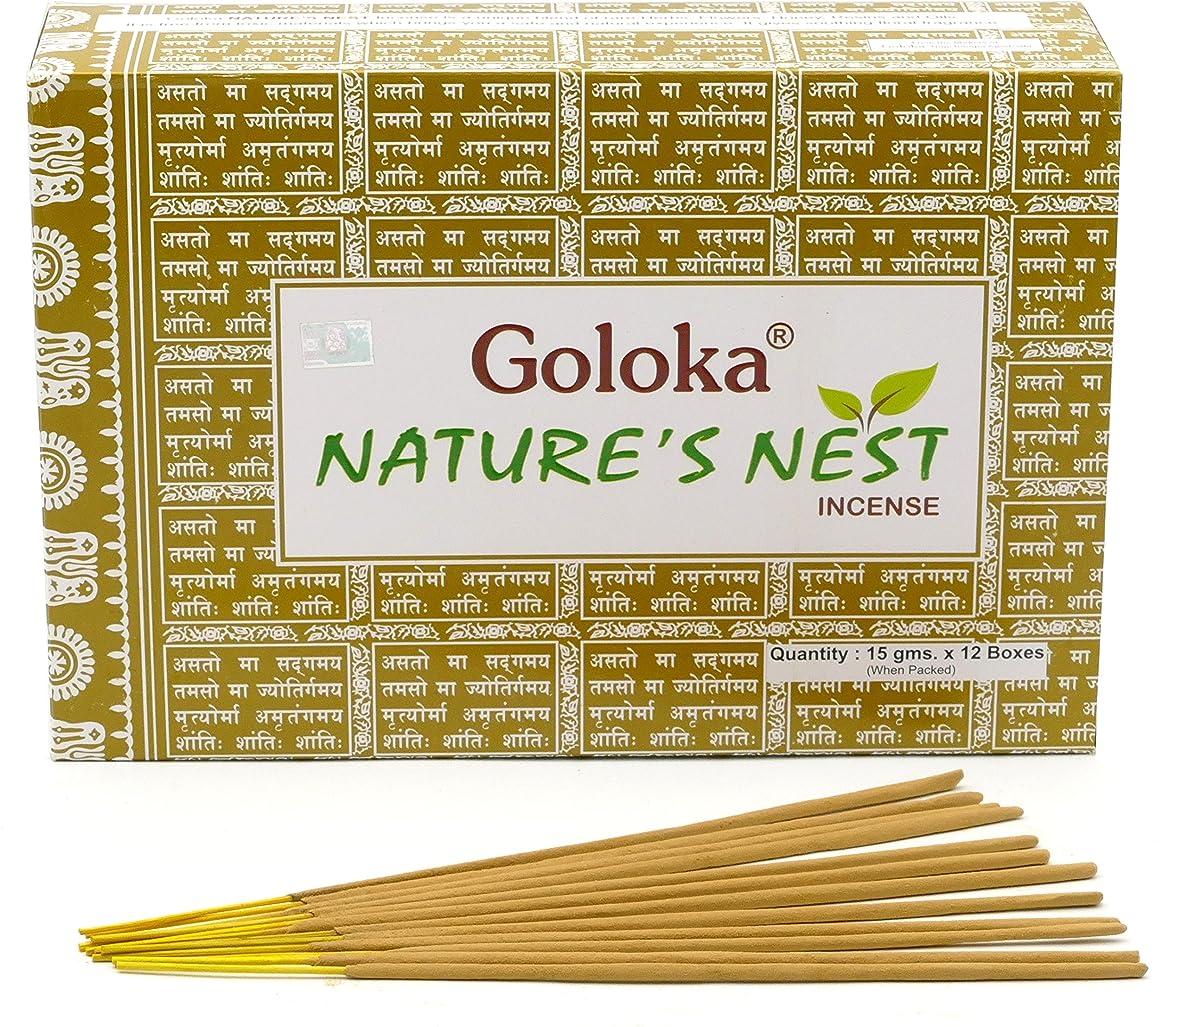 極端な花嫁ポークGoloka Nature's Nest Masala Incense Sticks 15gms x 12 Packs by Goloka